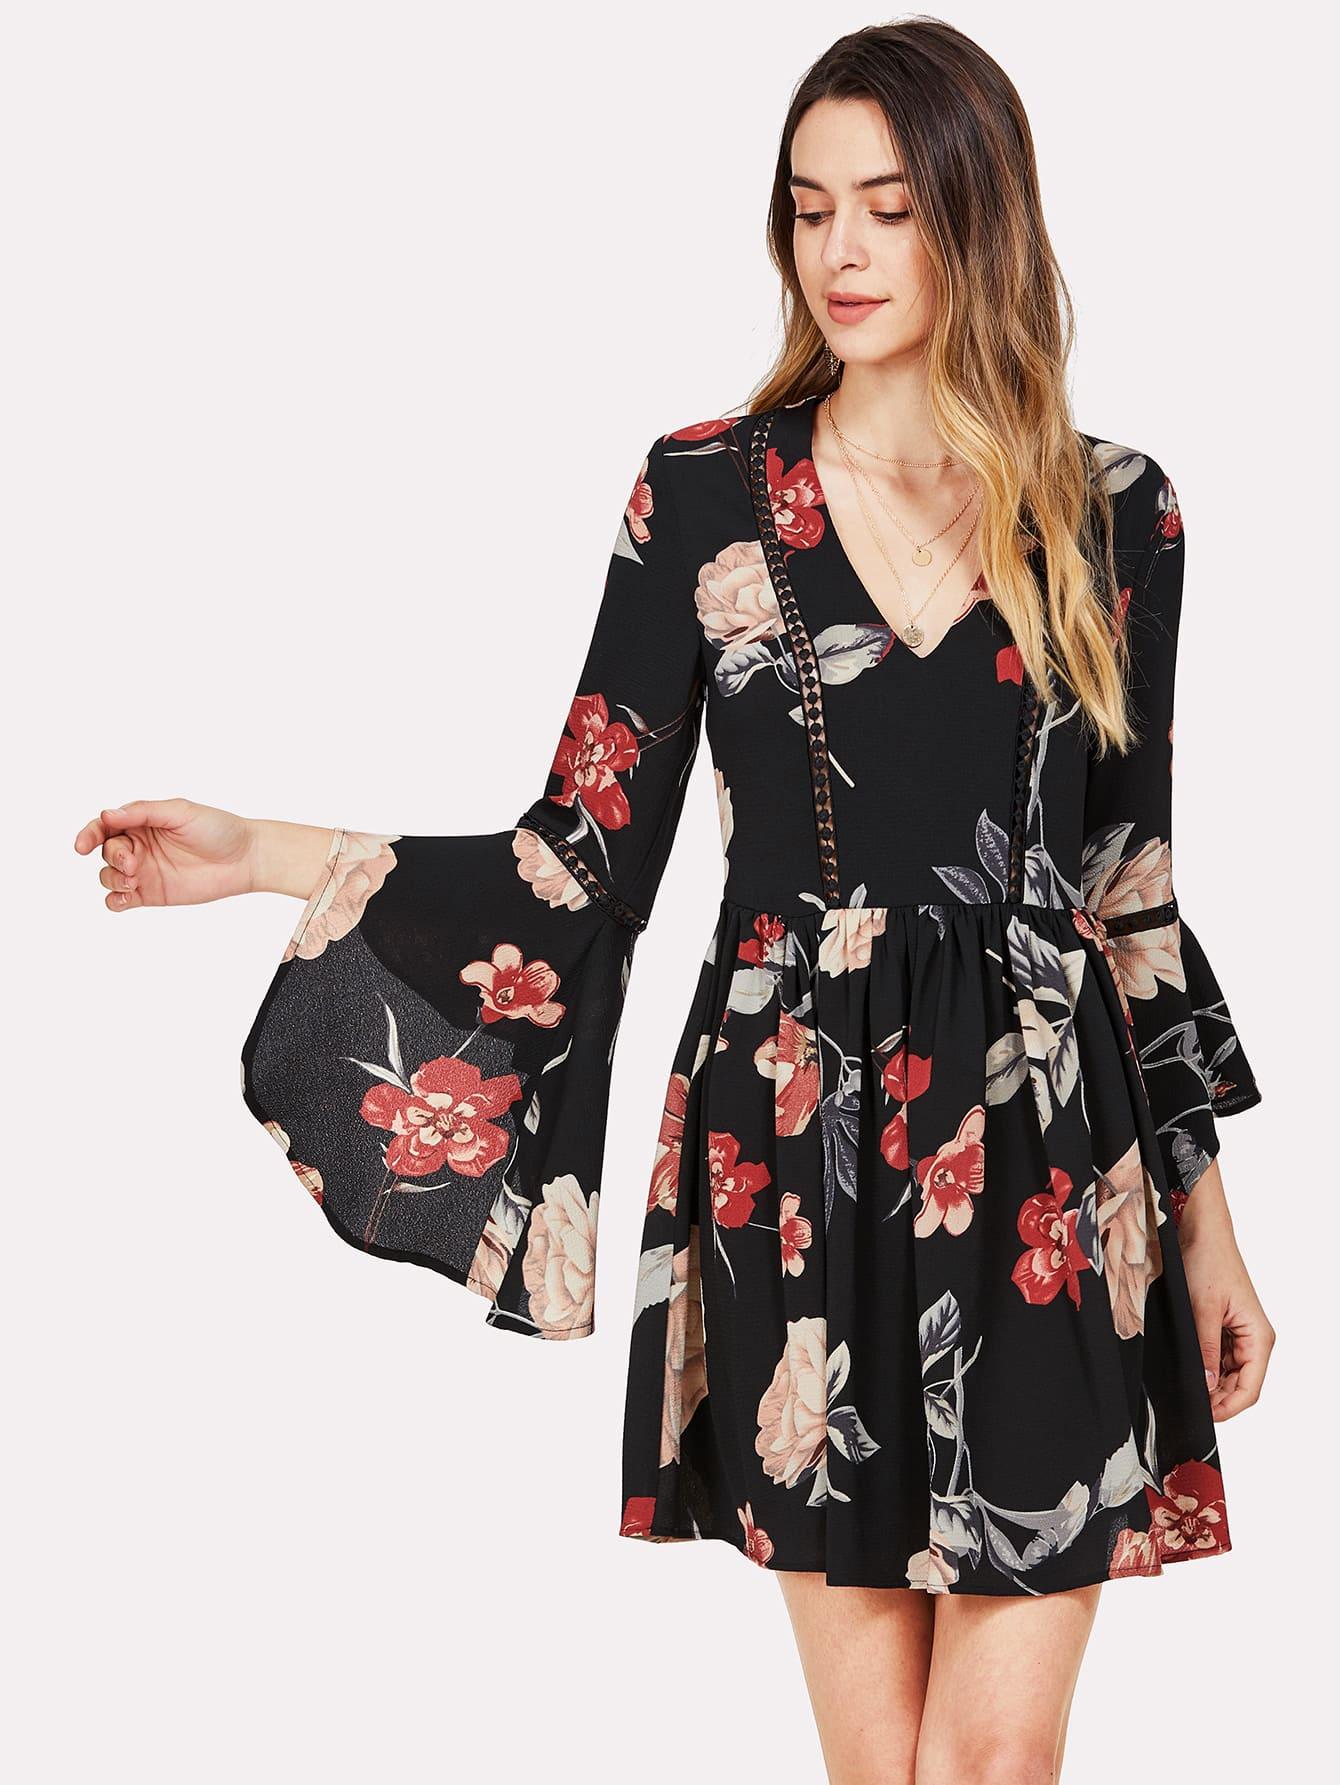 Купить Модное платье с цветочным принтом, рукав клёш, Jana, SheIn